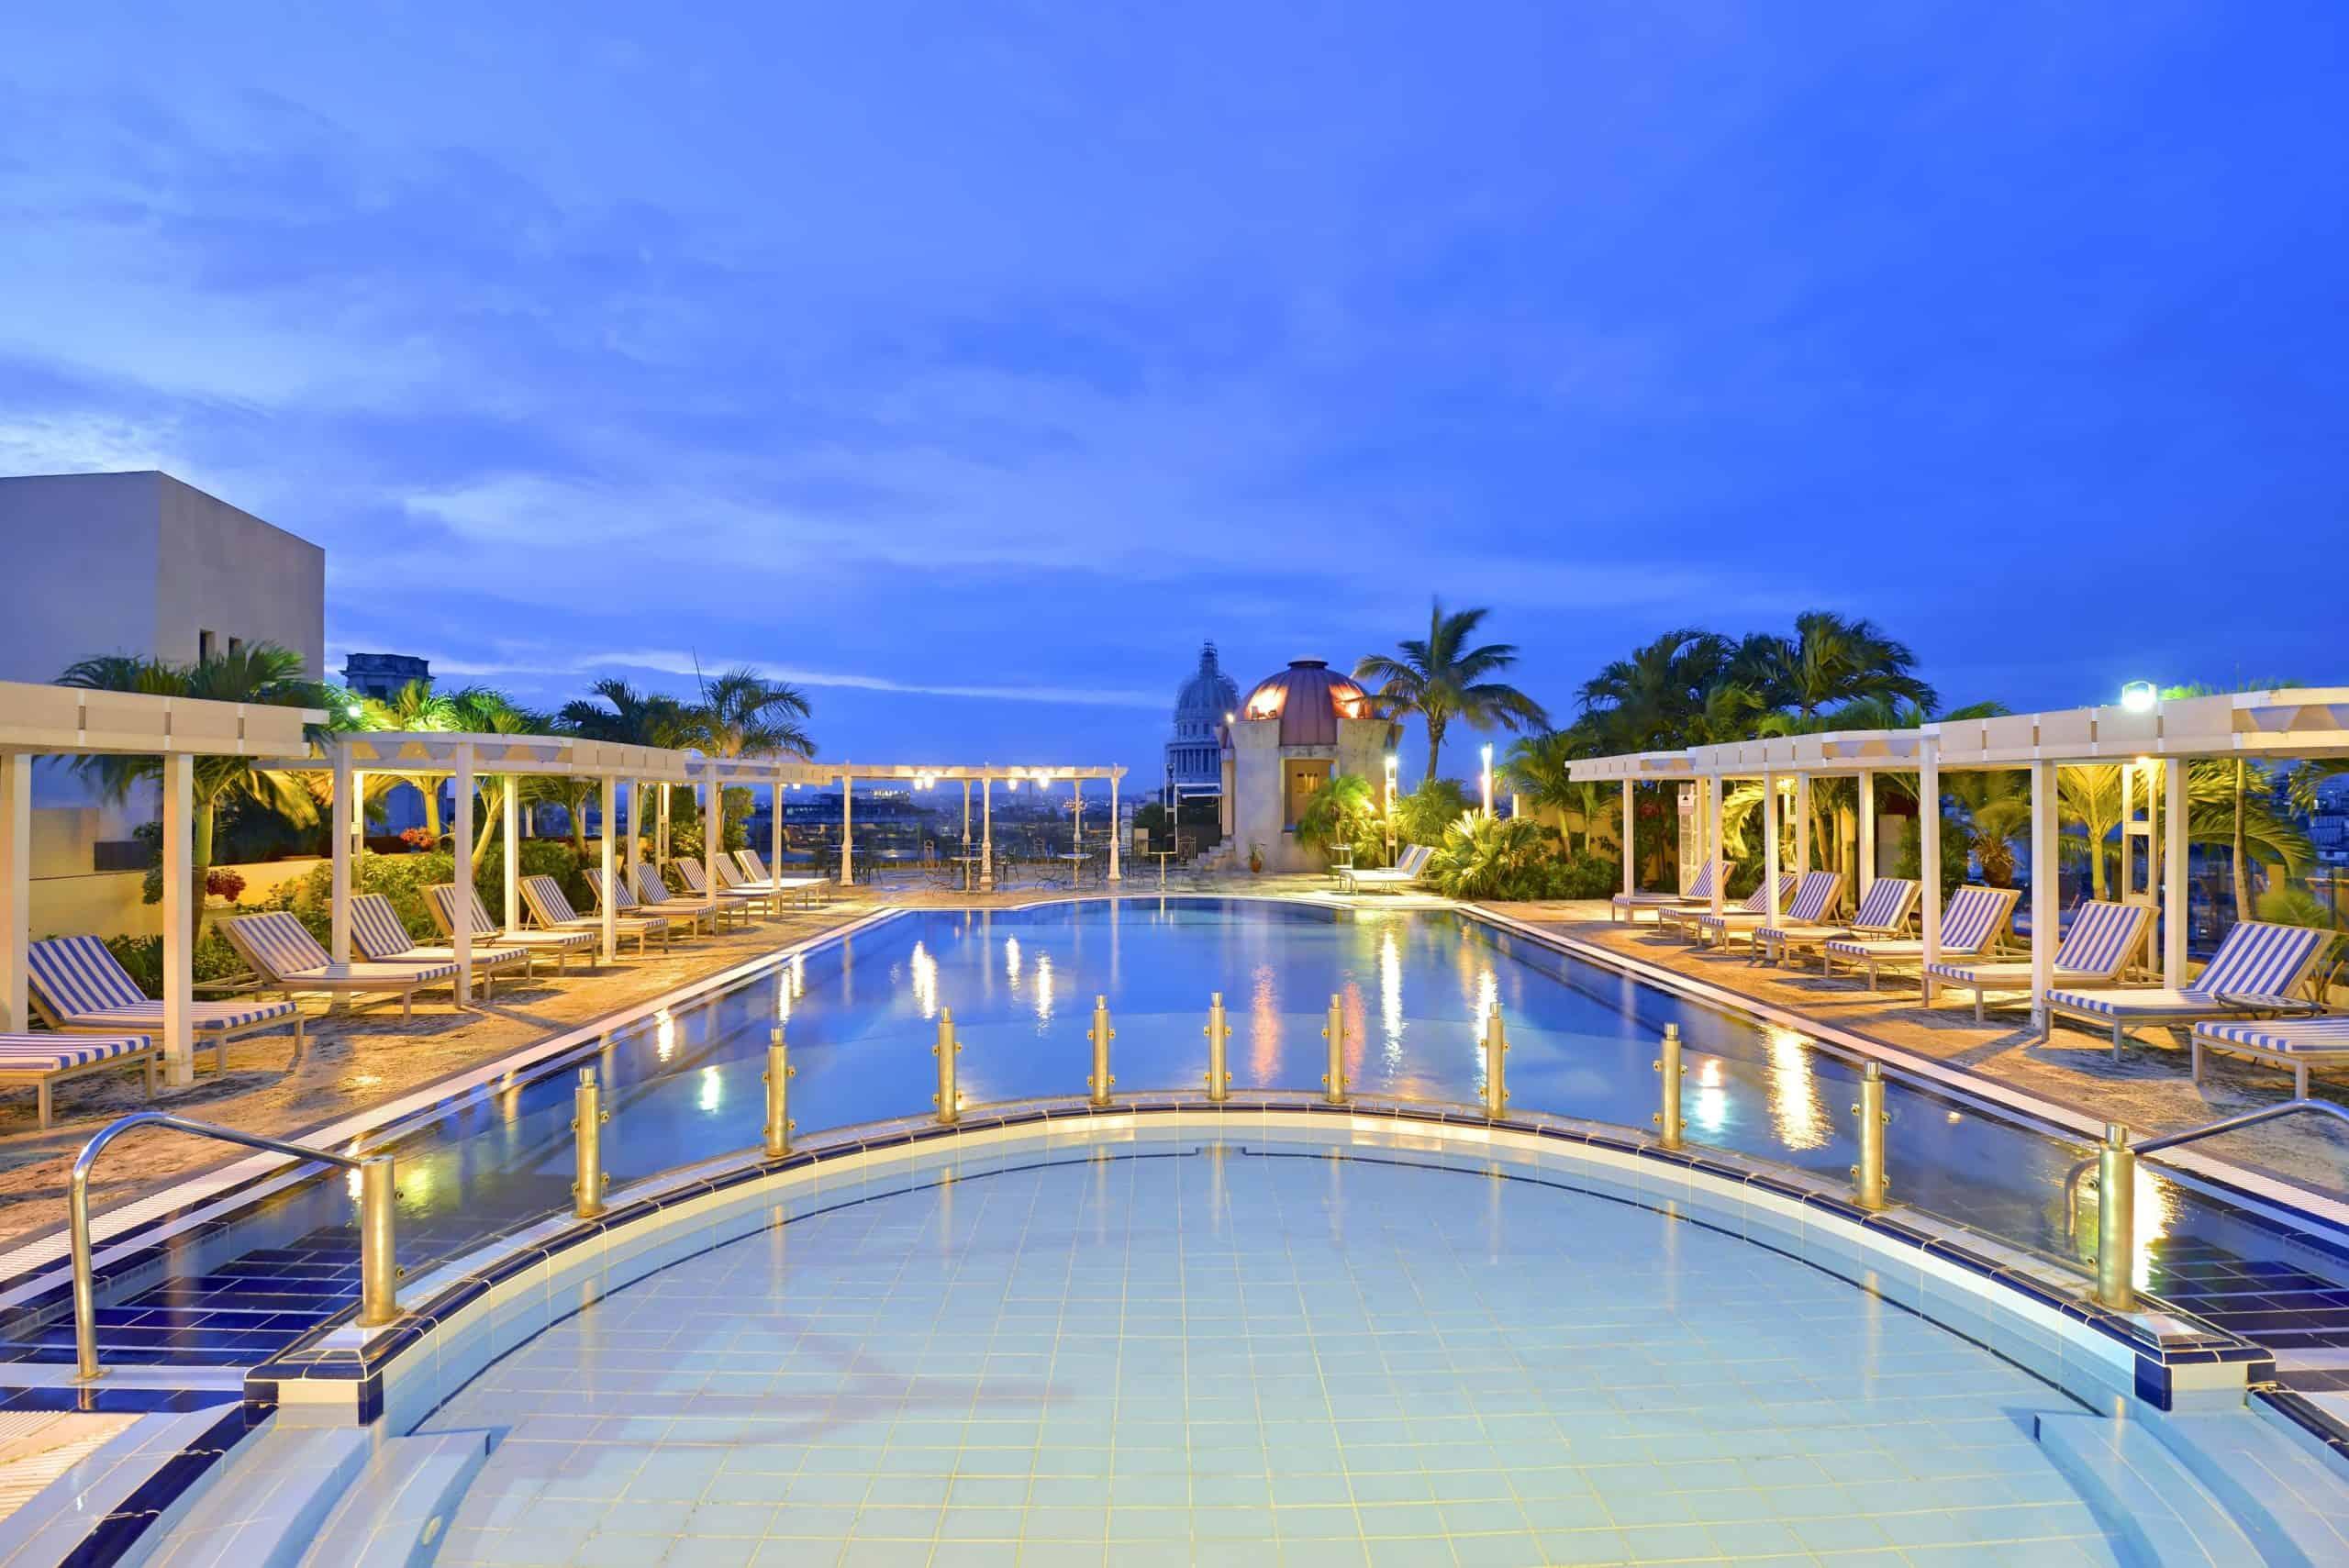 H0932 Piscine hotel nuit Parque central La Havane Cuba scaled